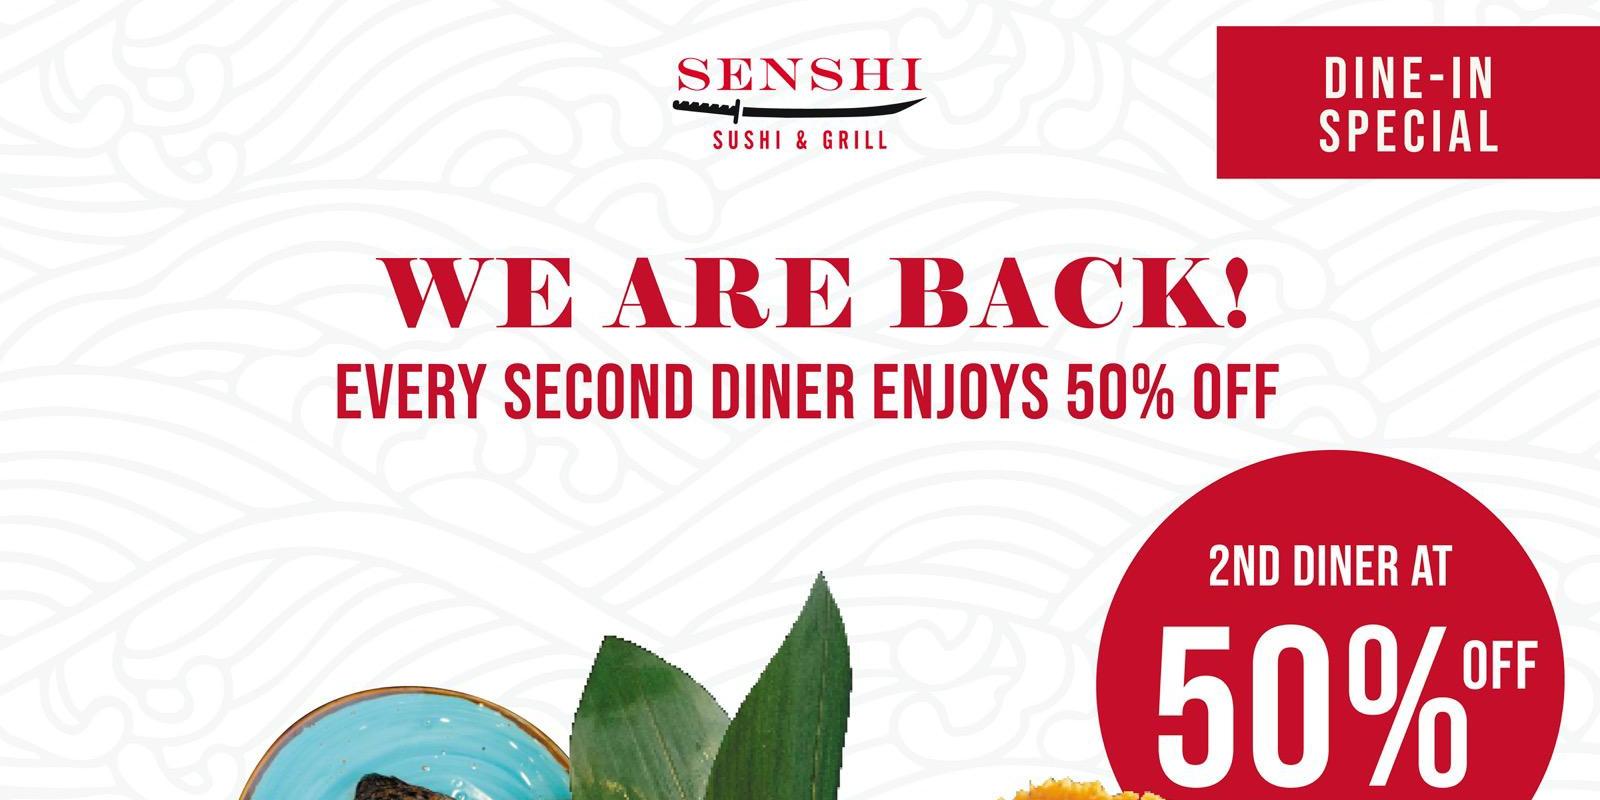 SENSHI's 50% OFF for 2nd diner is back!